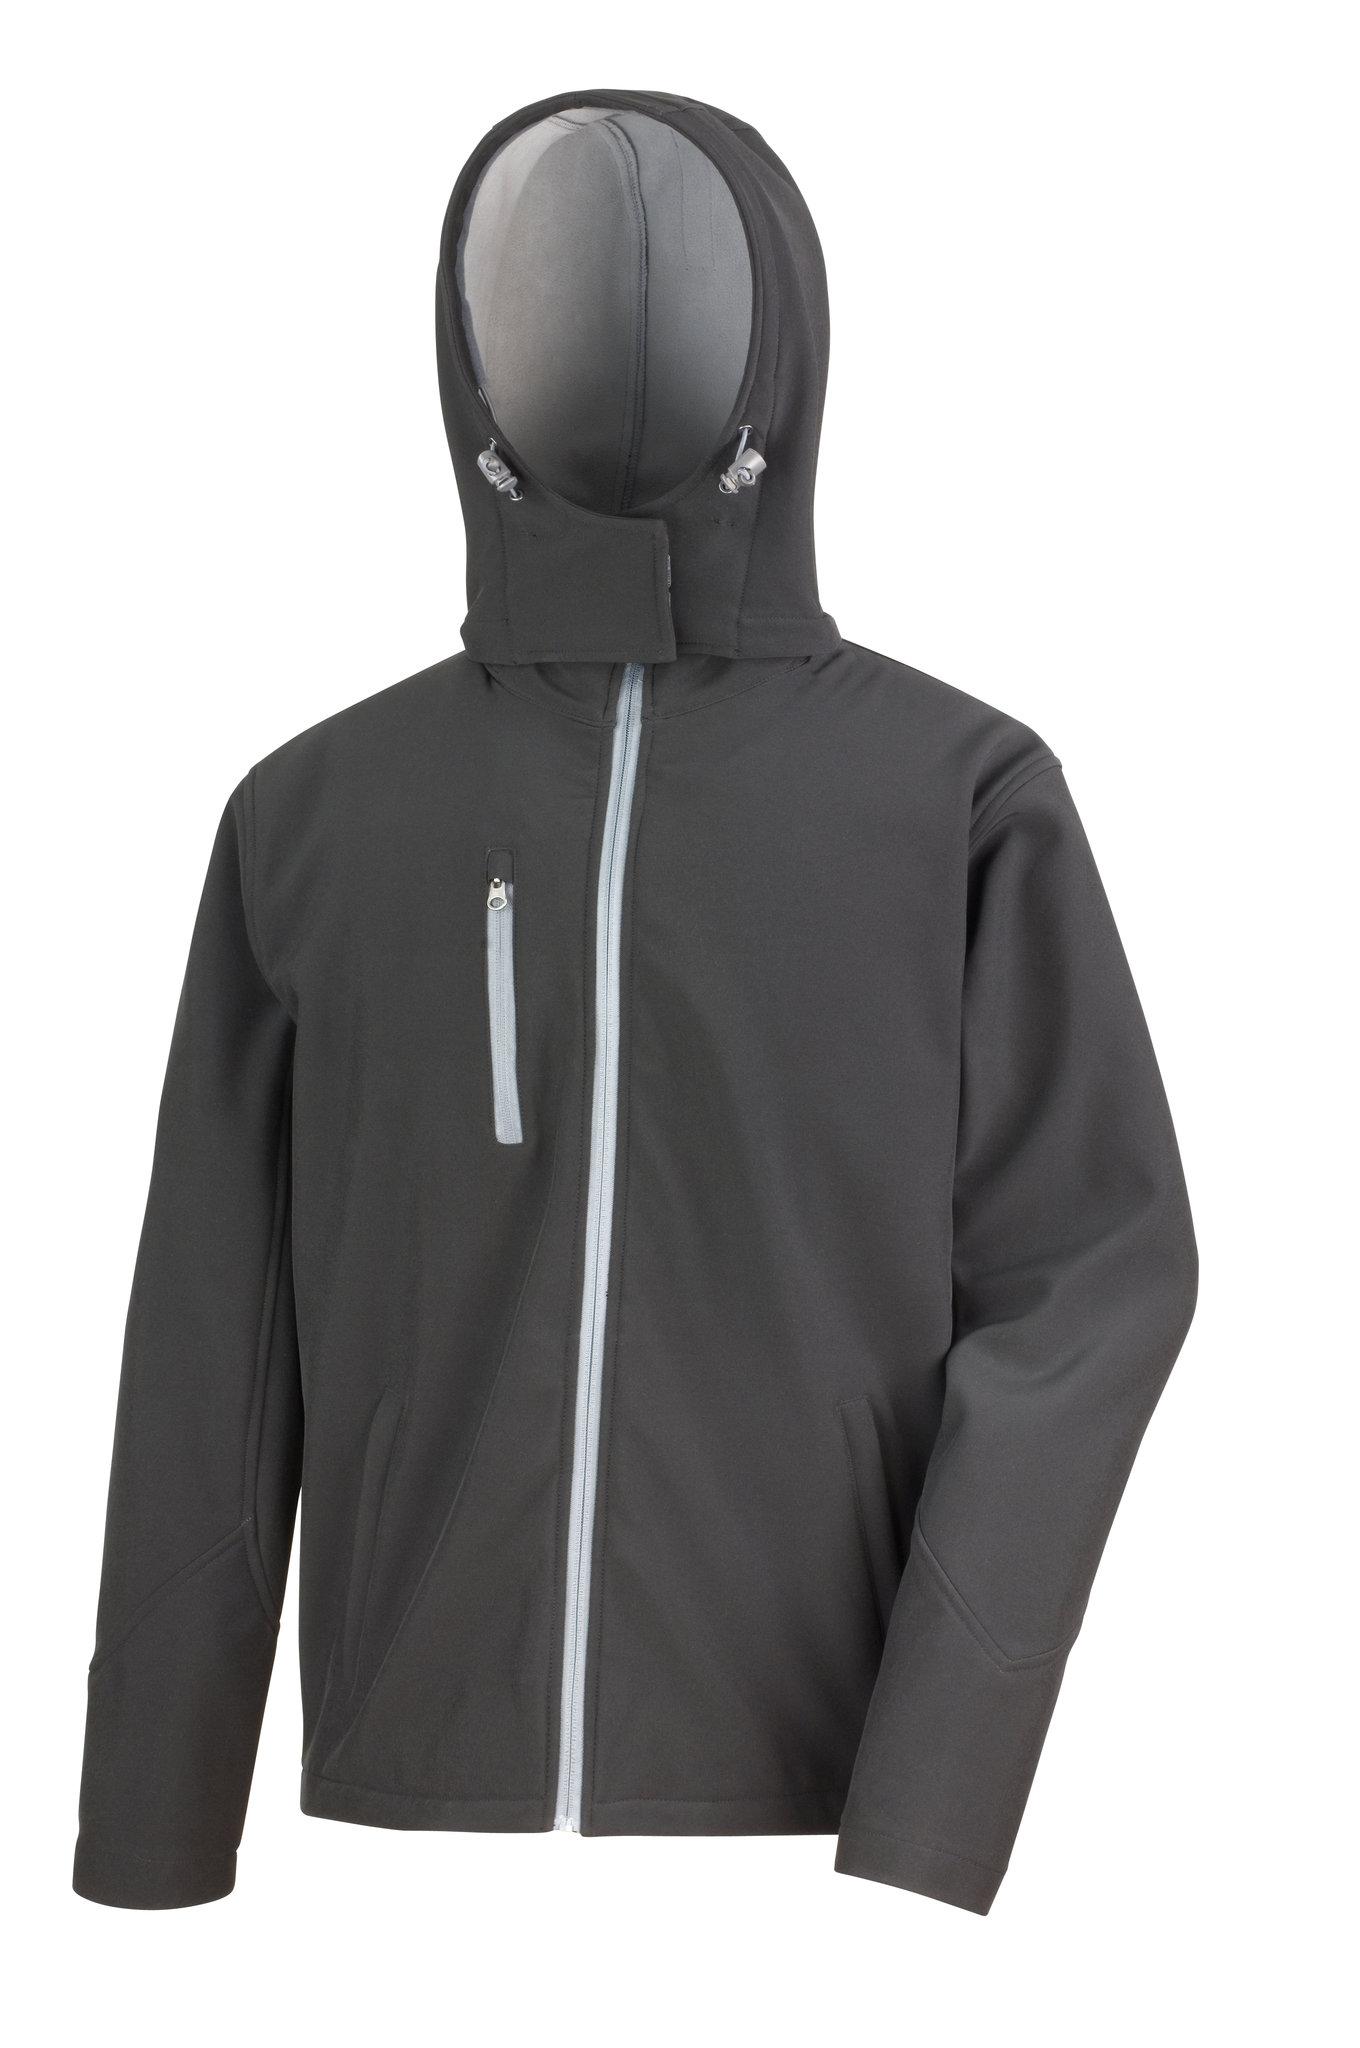 Veste promotionnelle Hoodo pour homme noir/gris - veste publicitaire